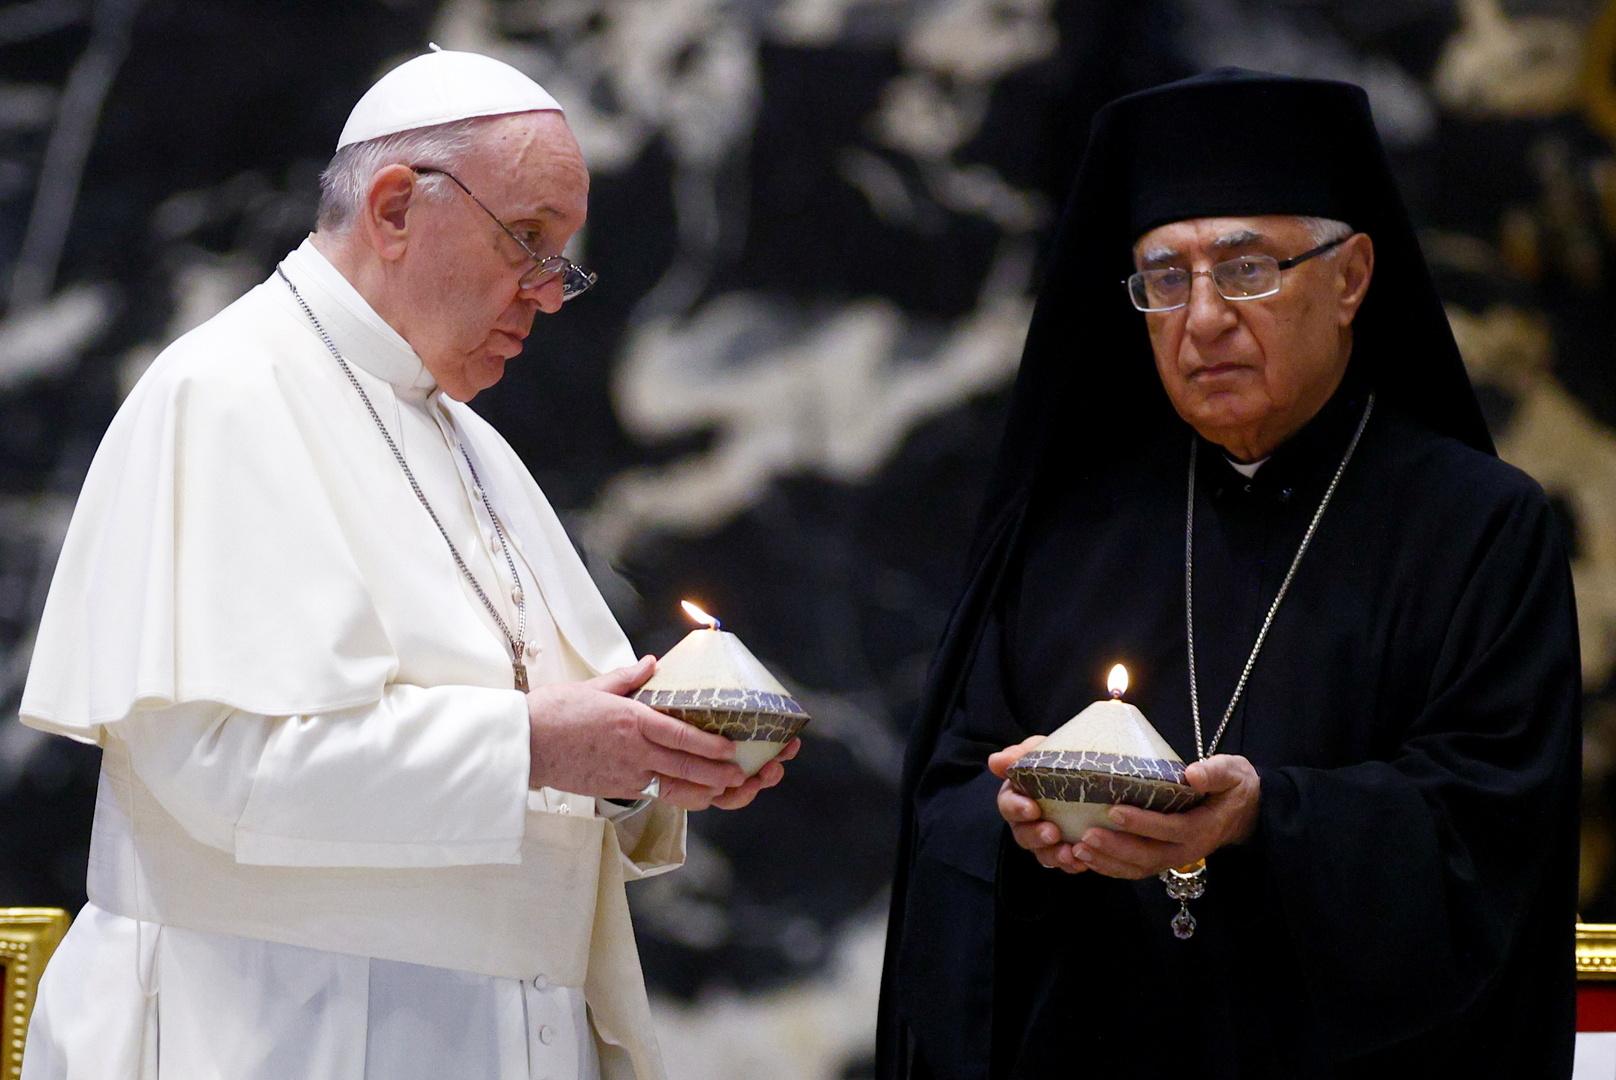 البابا فرنسيس يحث زعماء لبنان على التخلي عن المصالح الحزبية وإصلاح البلاد